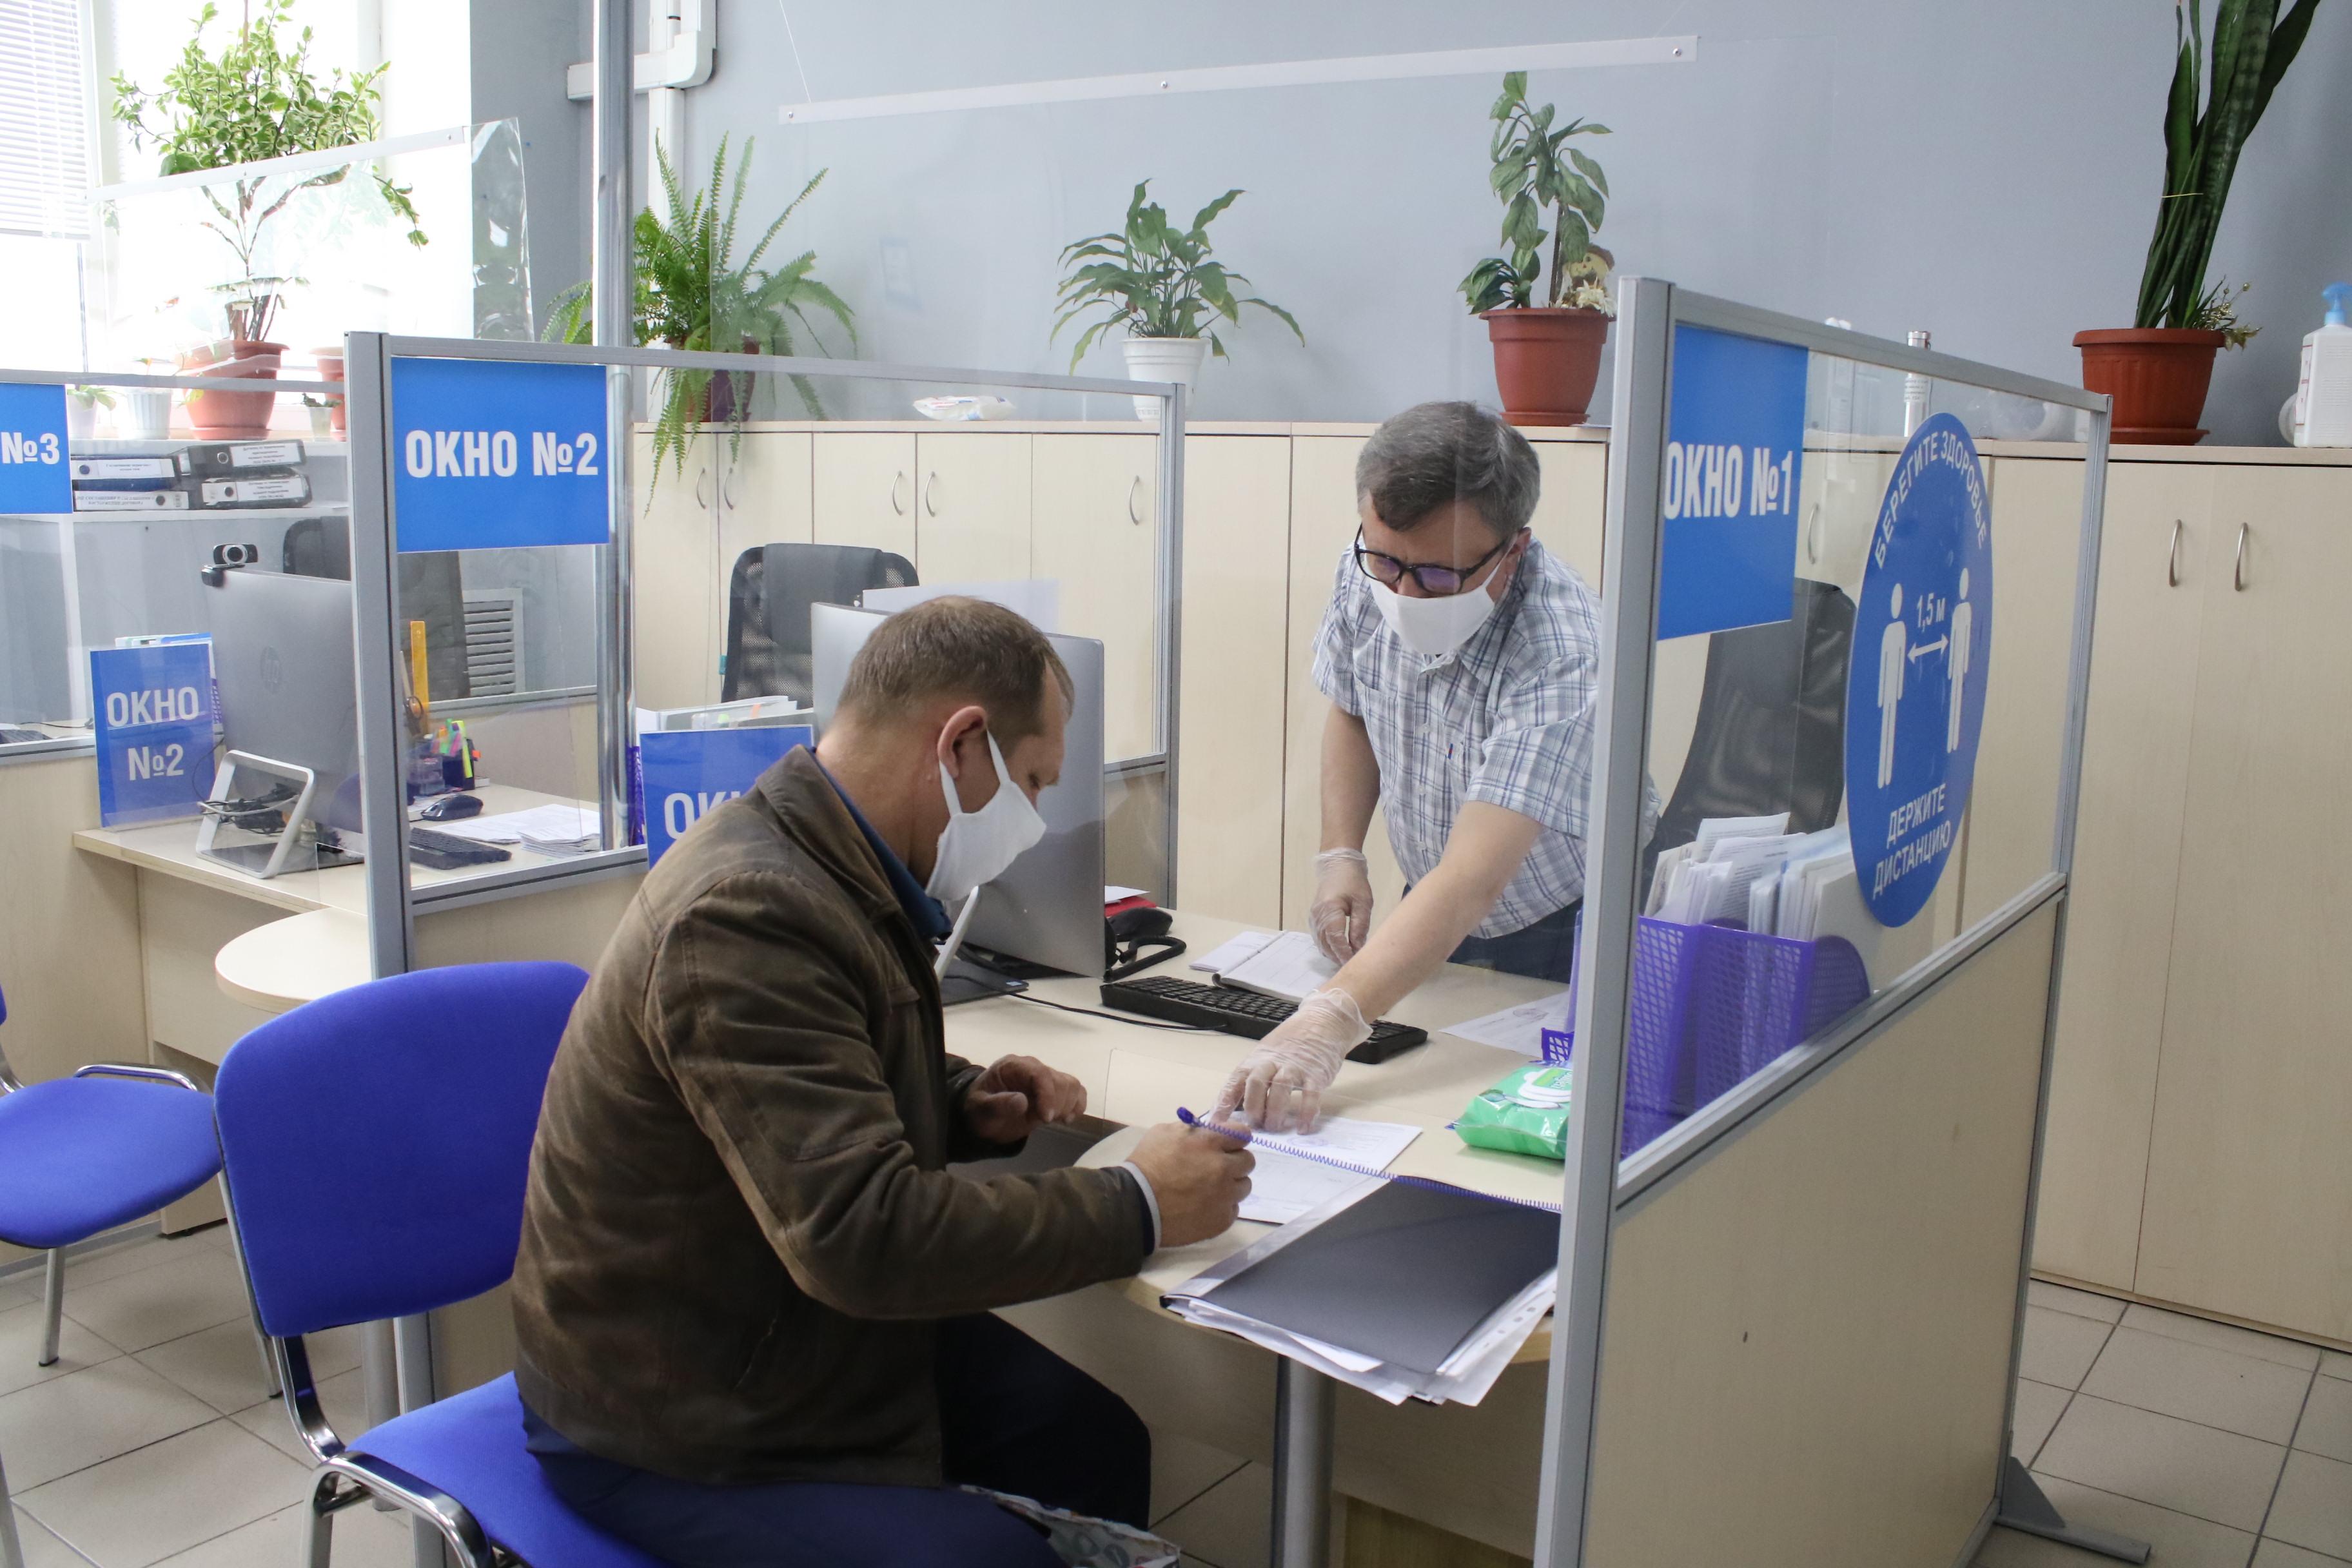 1 апреля в ООО «Газпром межрегионгаз Ростов-на-Дону» меняется график работы нескольких пунктов приема населения